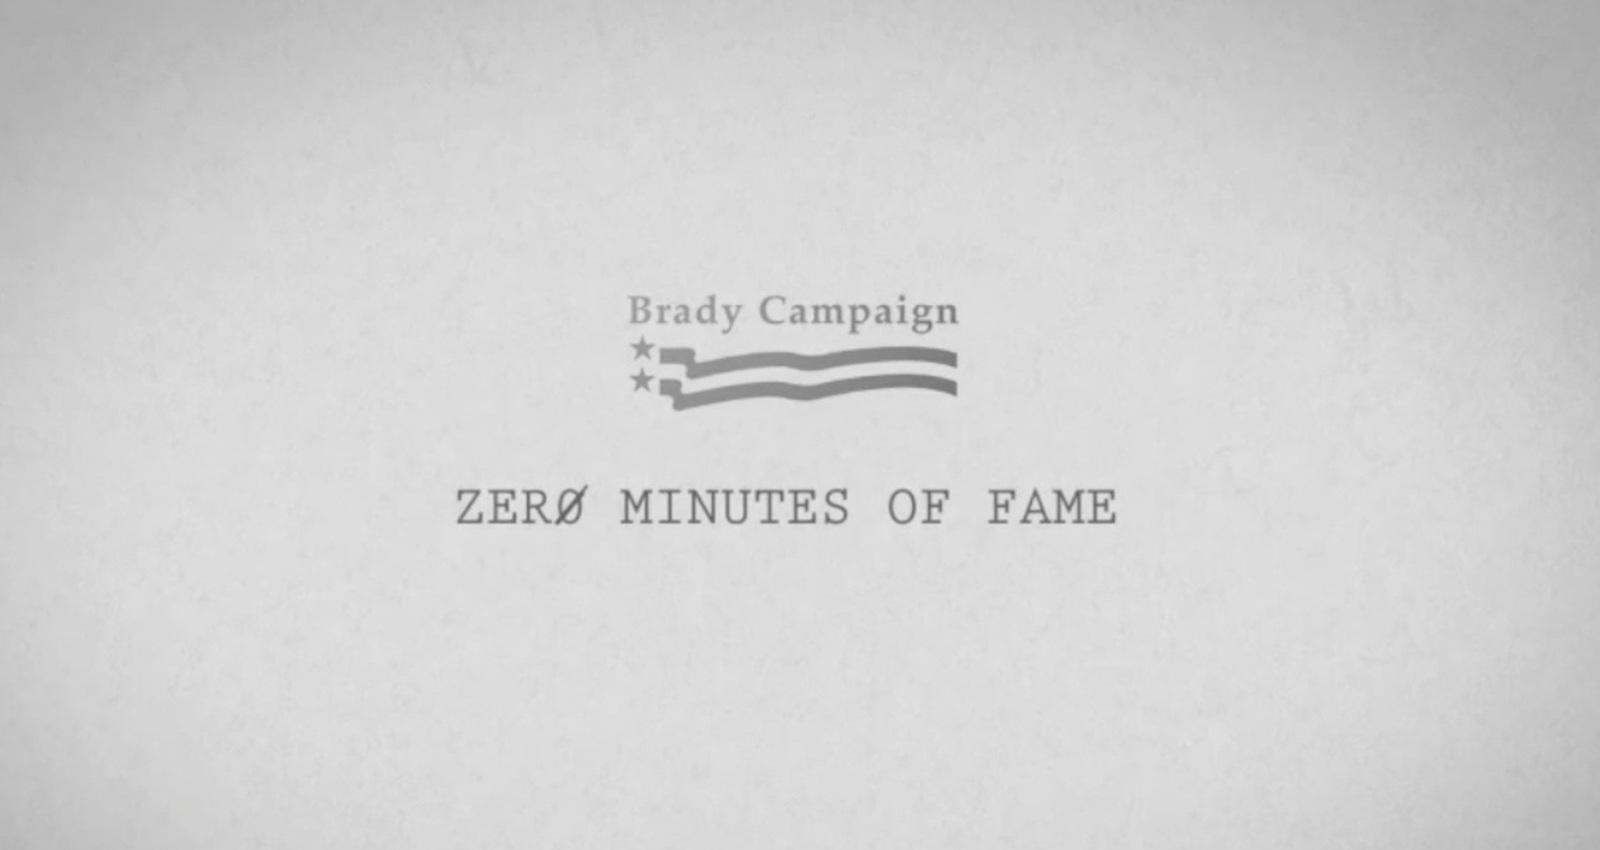 Zero Minutes of Fame